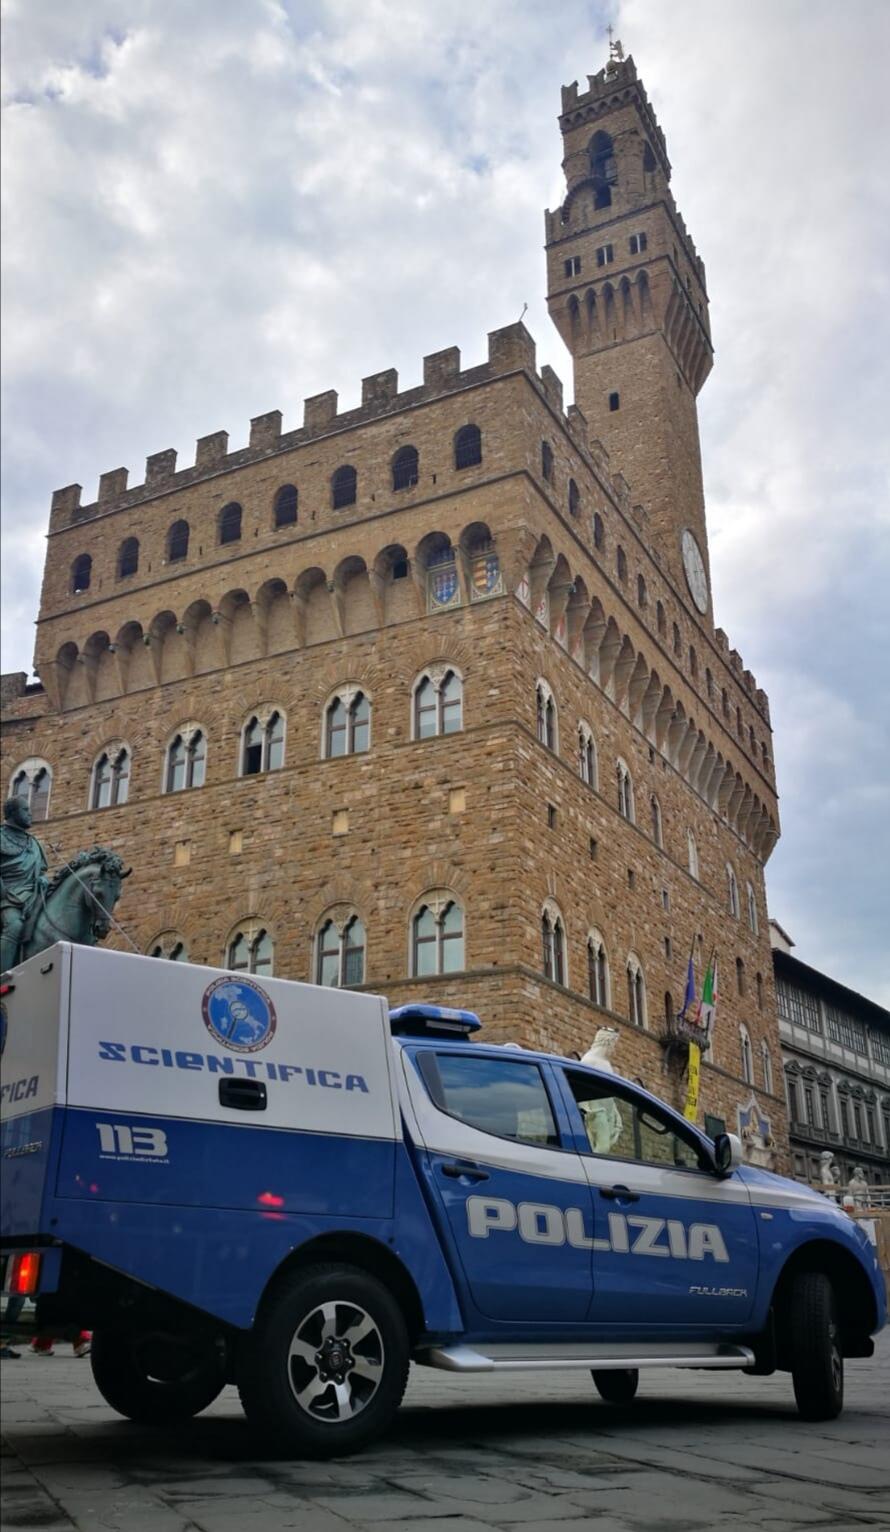 Polizia di Stato - Questure sul web - Firenze